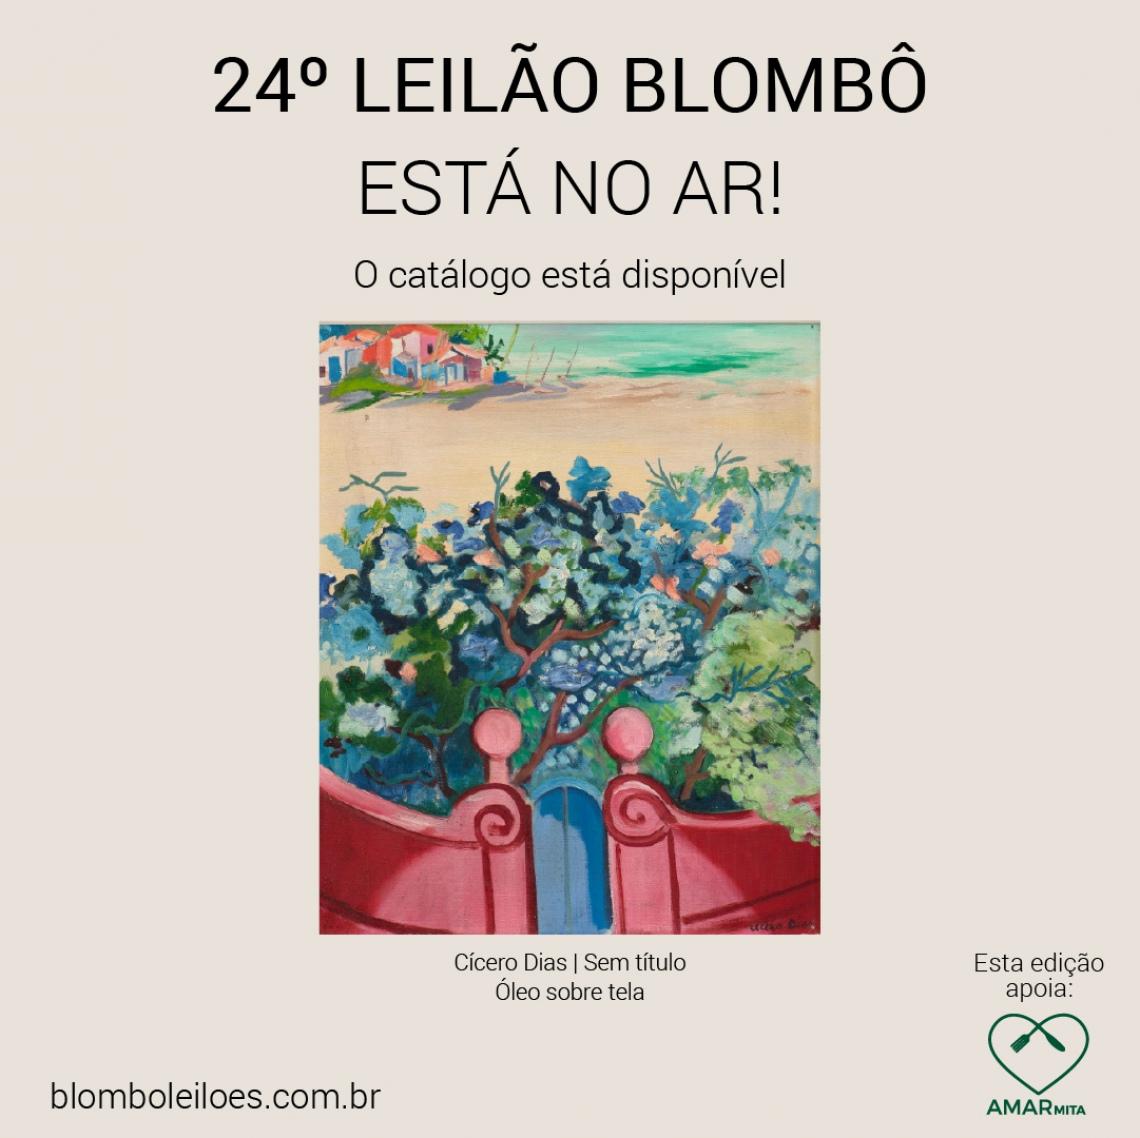 24º leilão da Blombô, em apoio à Organização Amarmita | 18 de maio, segunda-feira, às 20h